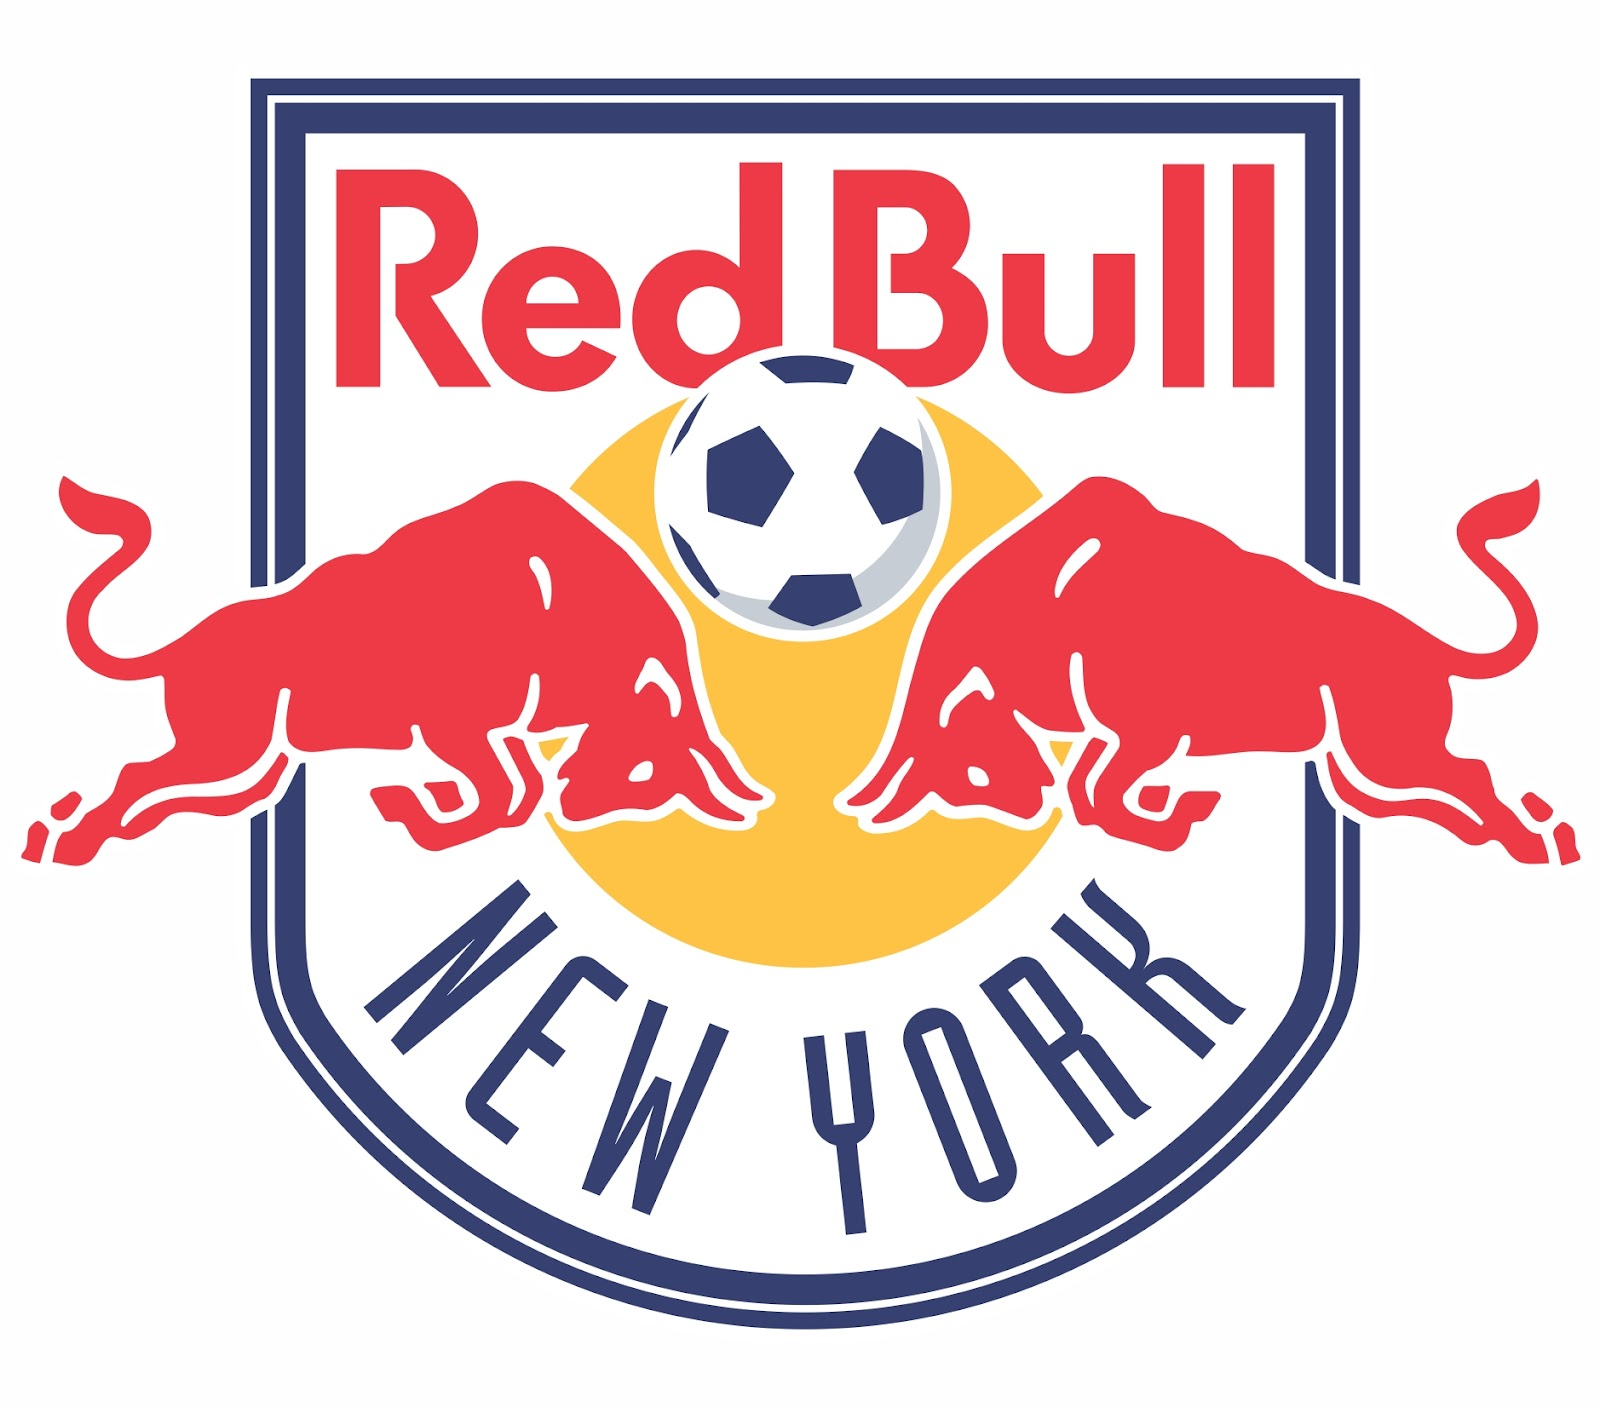 escudos de futbol soccer: